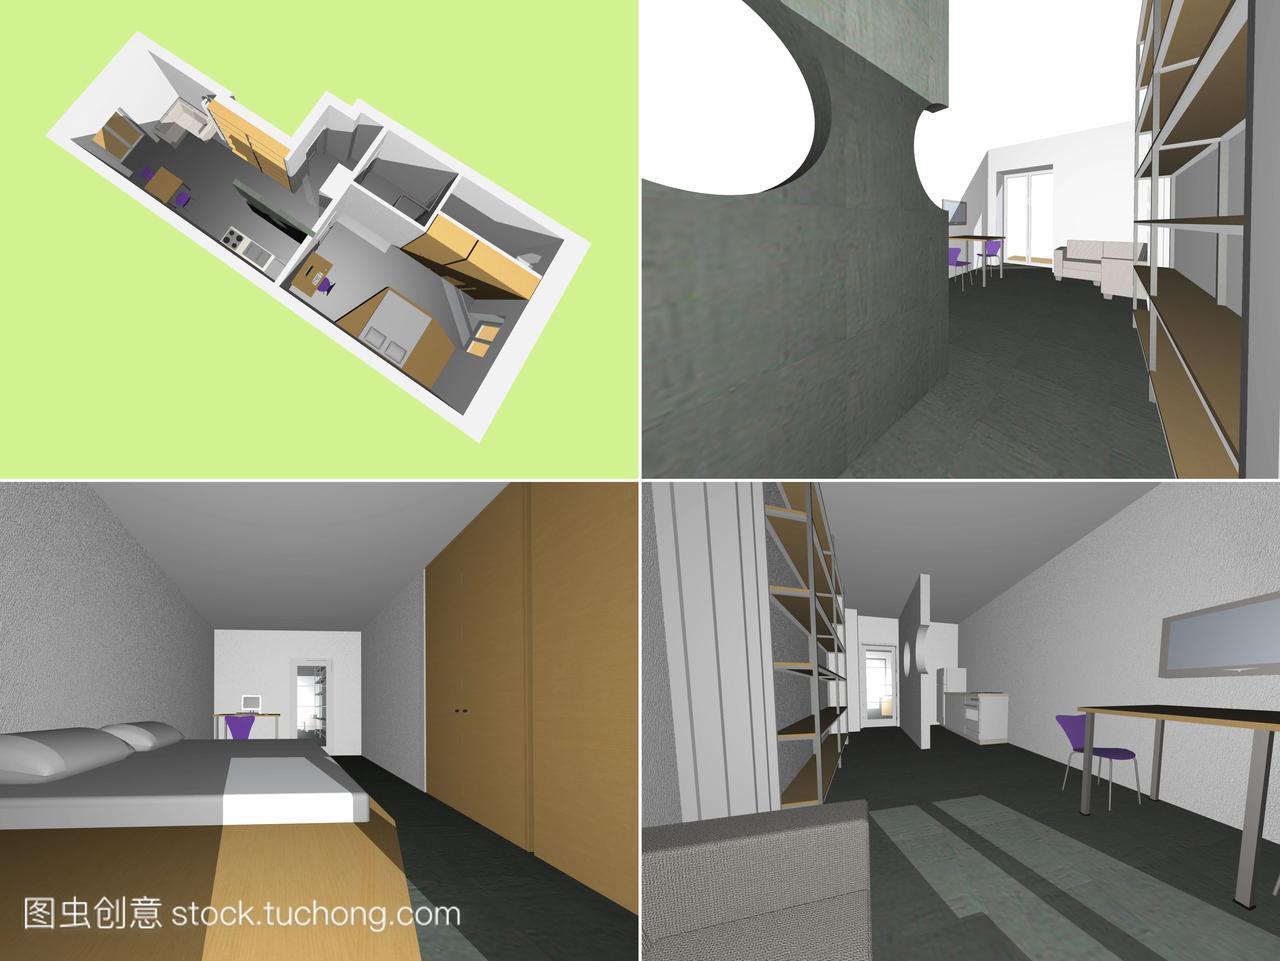 内部,家具,内阁,图纸,人体模特,办公椅,虚线,图纸台子厨房中和实线暖通图片